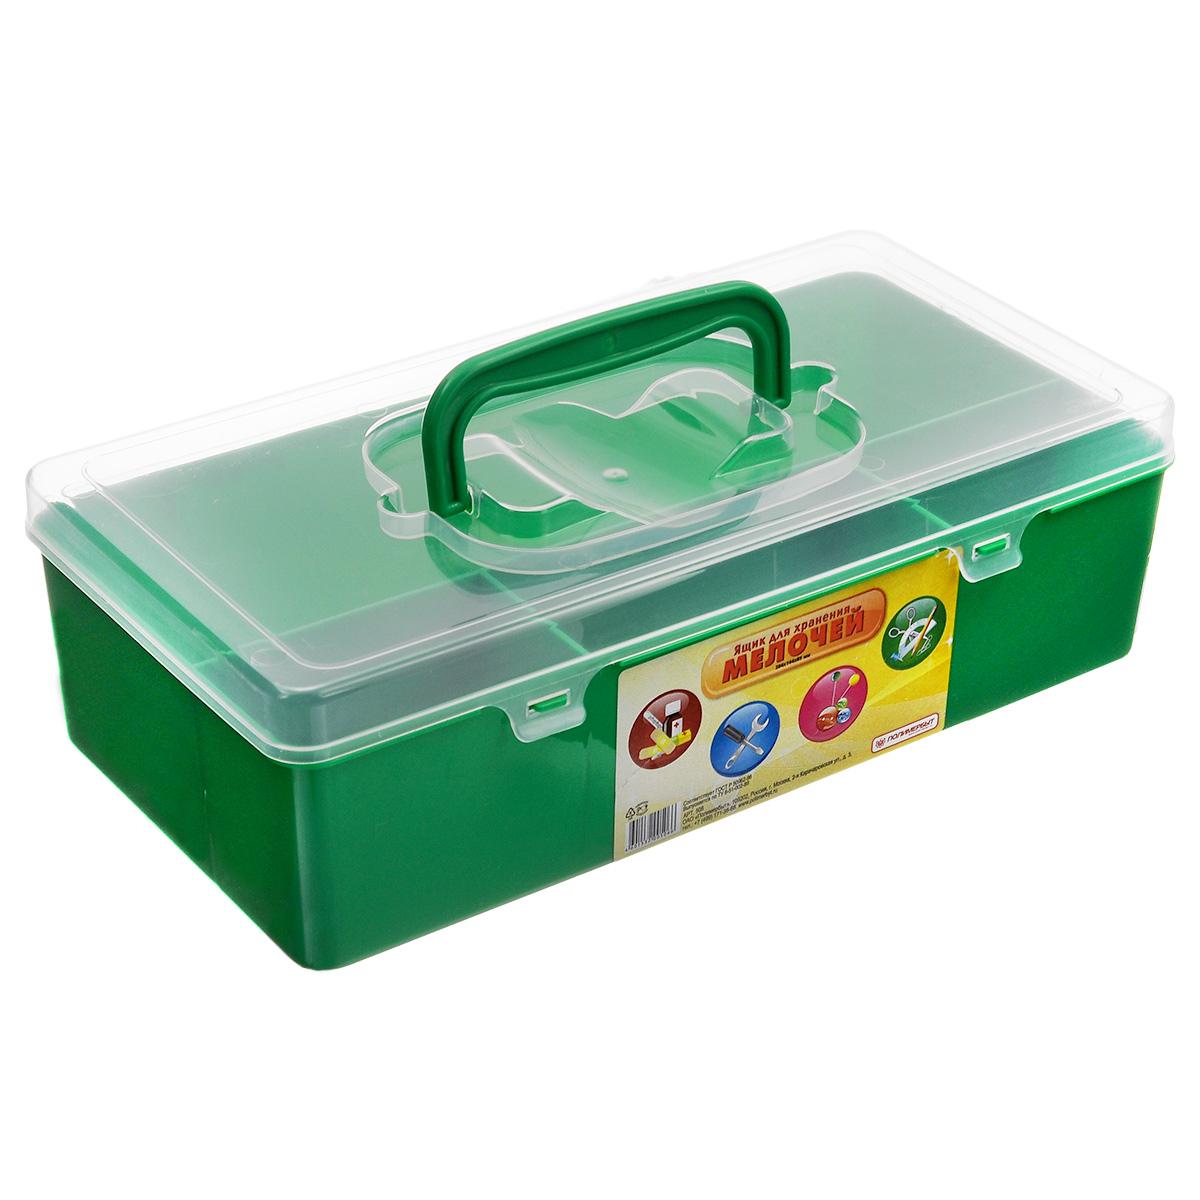 Ящик для мелочей Полимербыт, цвет: зеленый, прозрачный, 28,4 см х 14,4 см х 8,5 смС506_зеленыйЯщик Полимербыт, выполненный из прочного пластика, предназначен для хранения различных мелких вещей. Внутри имеются 4 отделения различных размеров: большое, среднее и два маленьких. Ящик закрывается при помощи прозрачной крышки, на которой расположена удобная ручка для переноски. Ящик Полимербыт поможет хранить все в одном месте, а также защитит вещи от пыли, грязи и влаги. Размеры отделений: Размер большого отделения: 28,4 см х 9 см х 8,5 см; Размер среднего отделения: 11,3 см х 4,7 см х 8,5 см; Размер малого отделения: 8 см х 4,7 см х 8,5 см.